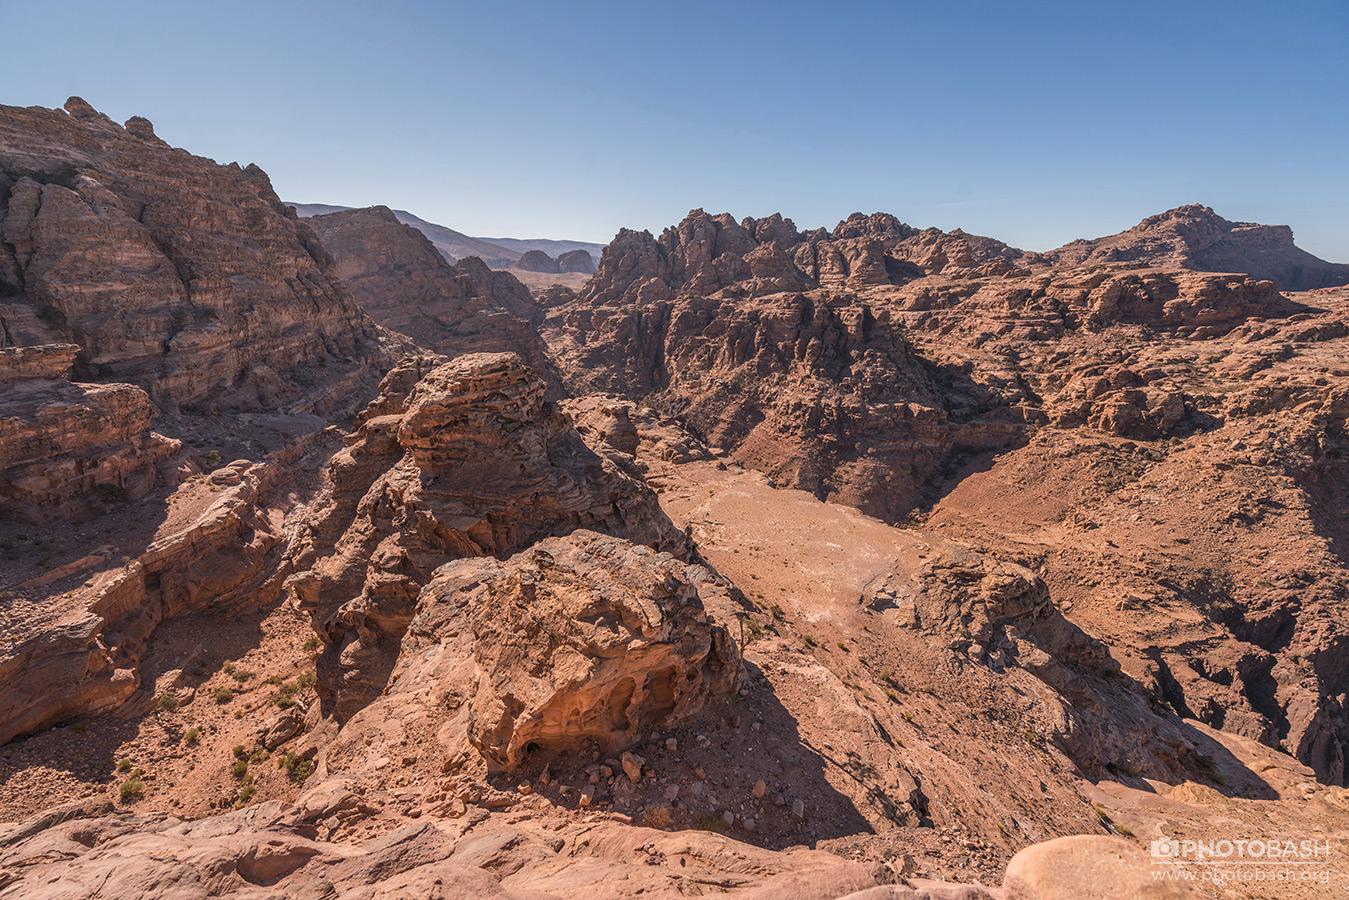 Petra-Ruins-Aerial-Desert-View.jpg